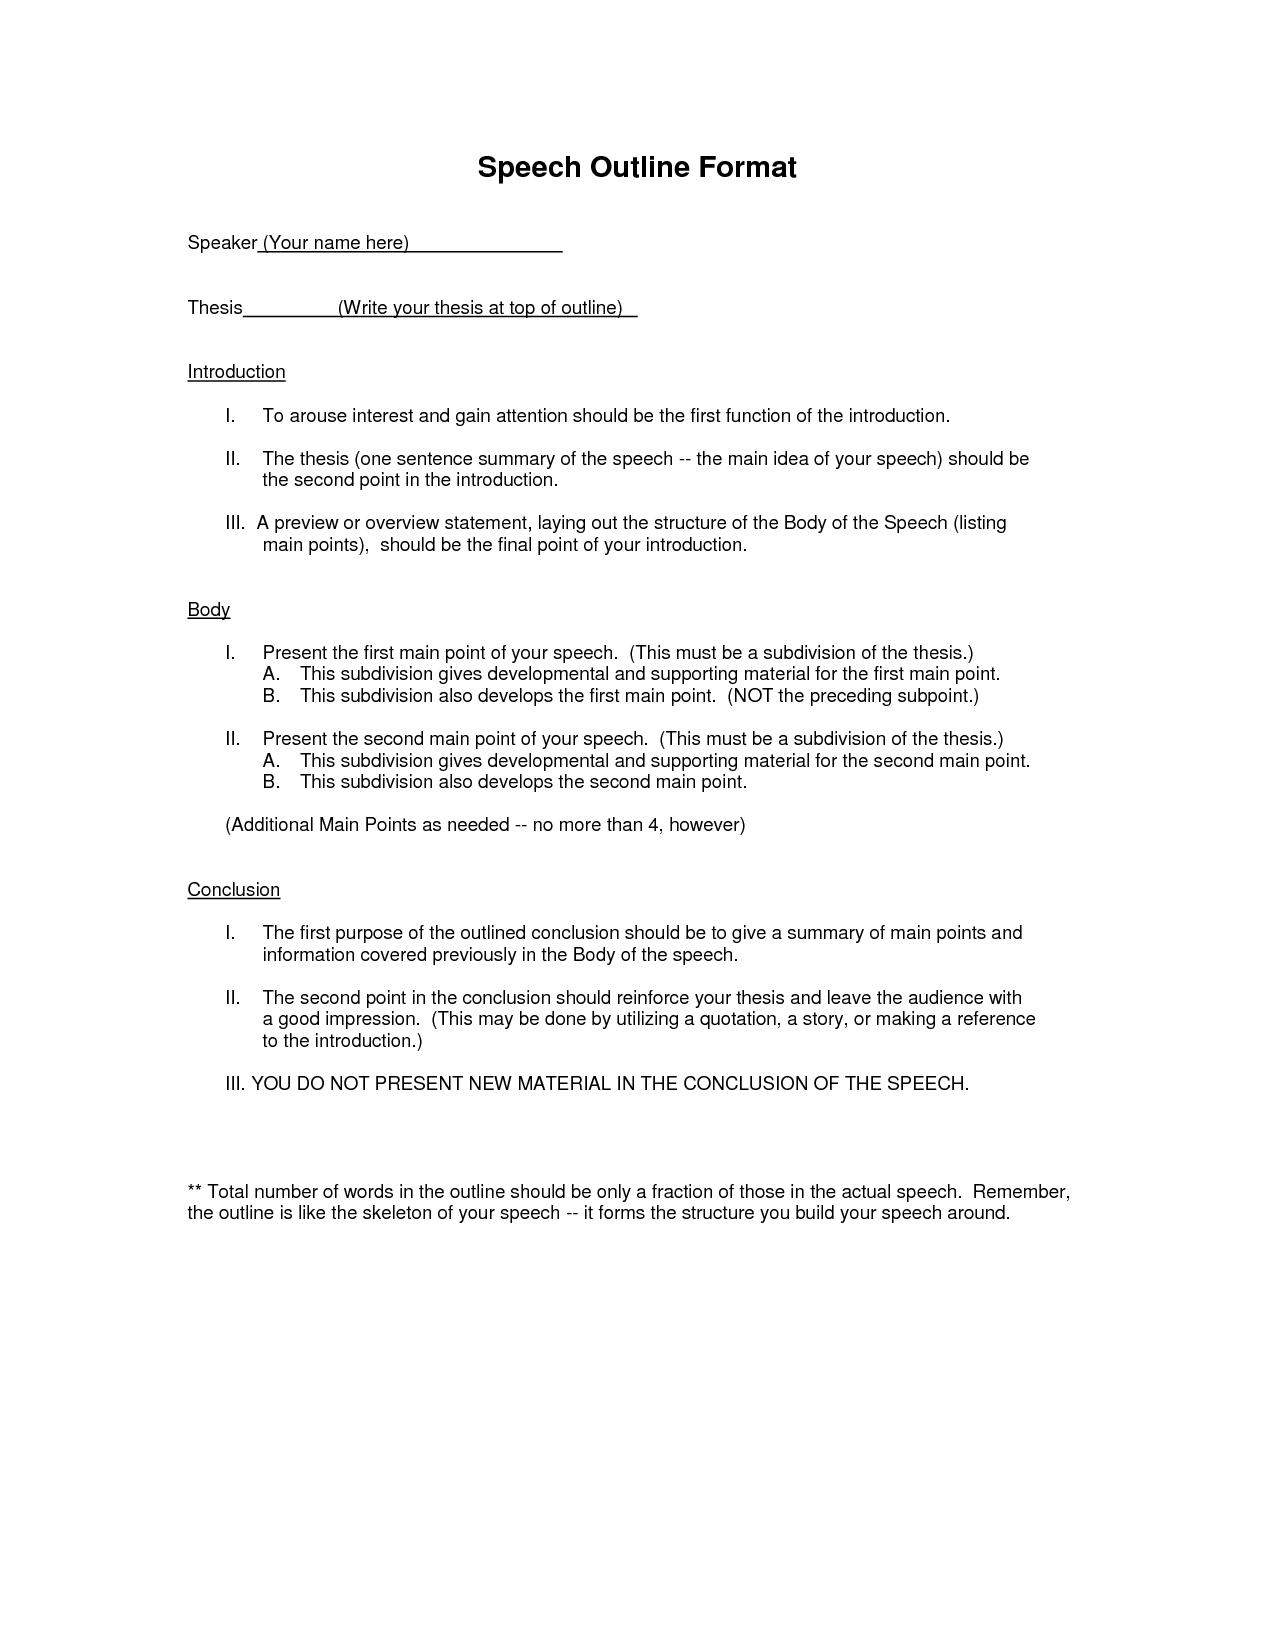 Outline Outline Format Speech Outline Mla Format